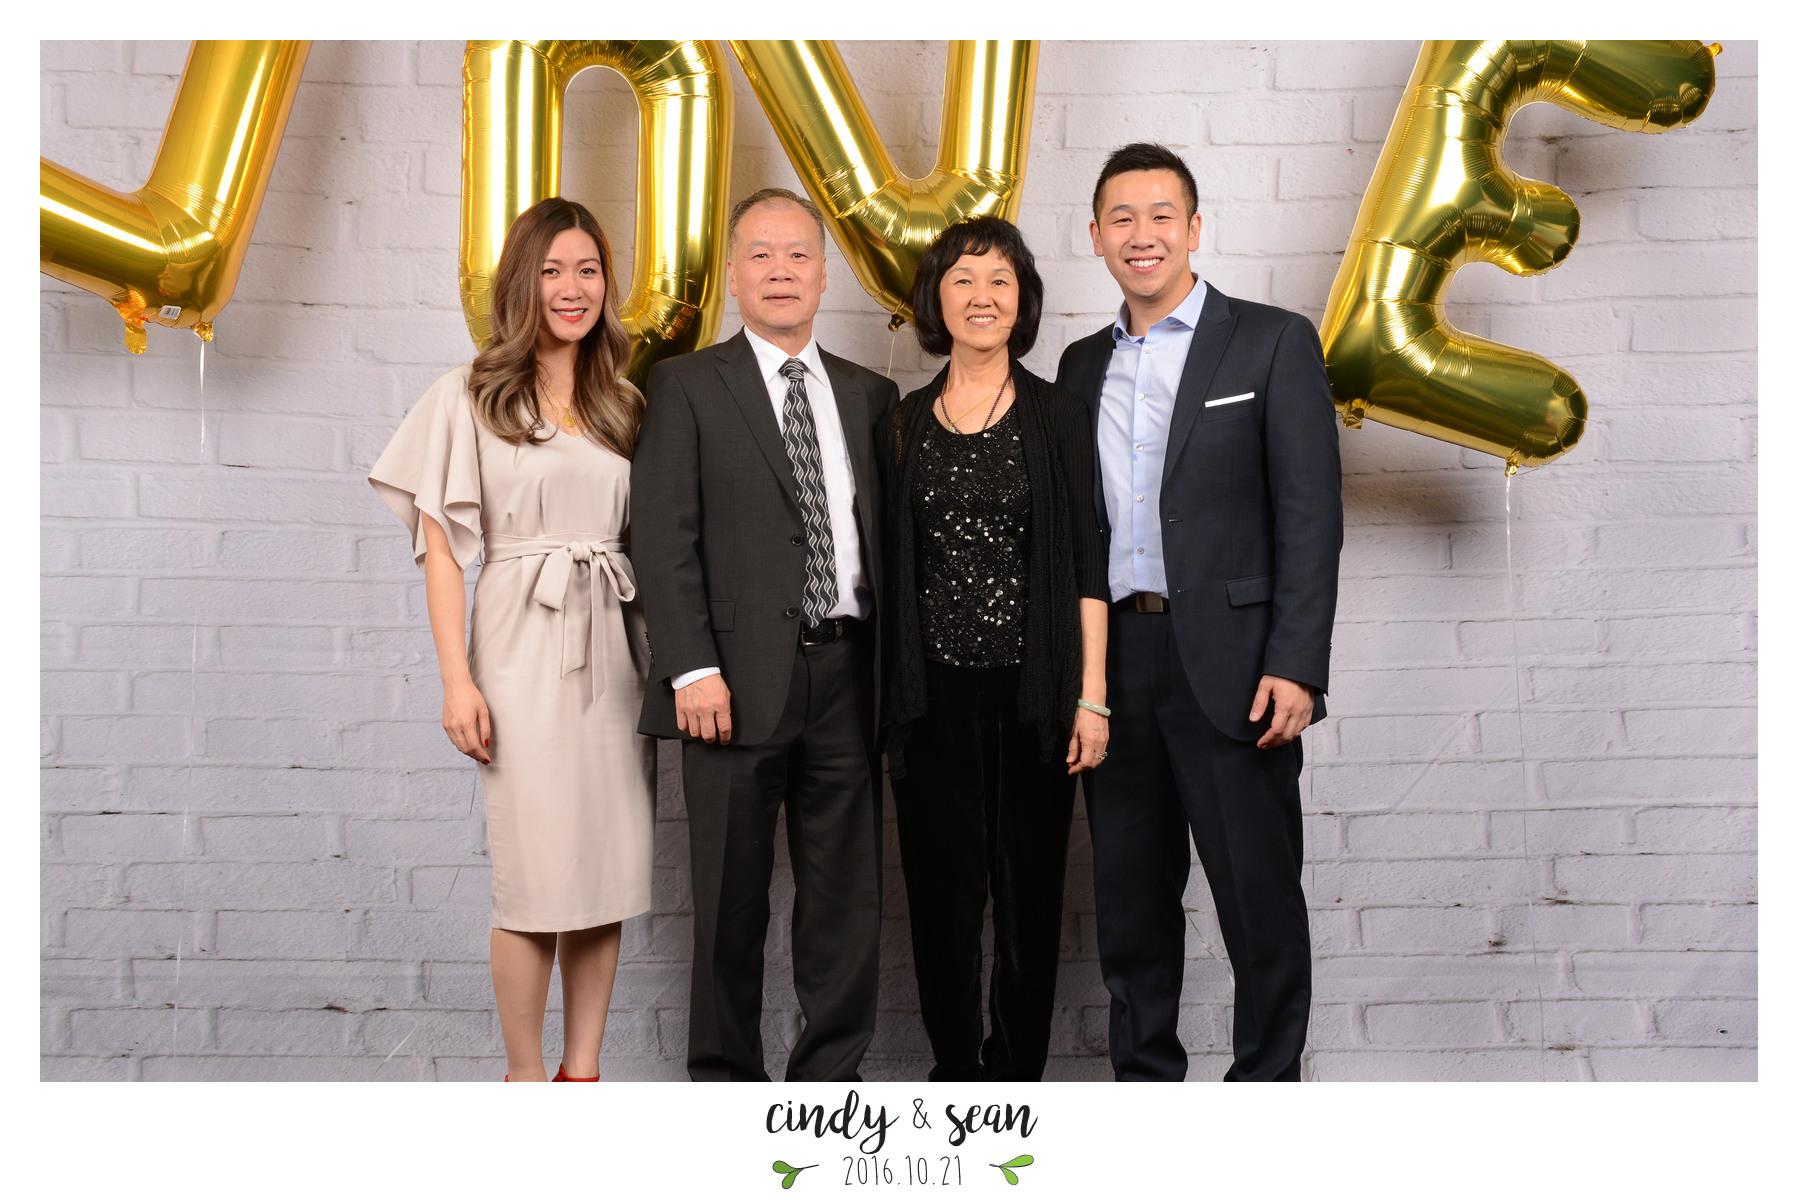 Cindy Sean Bae - 0001-133.jpg